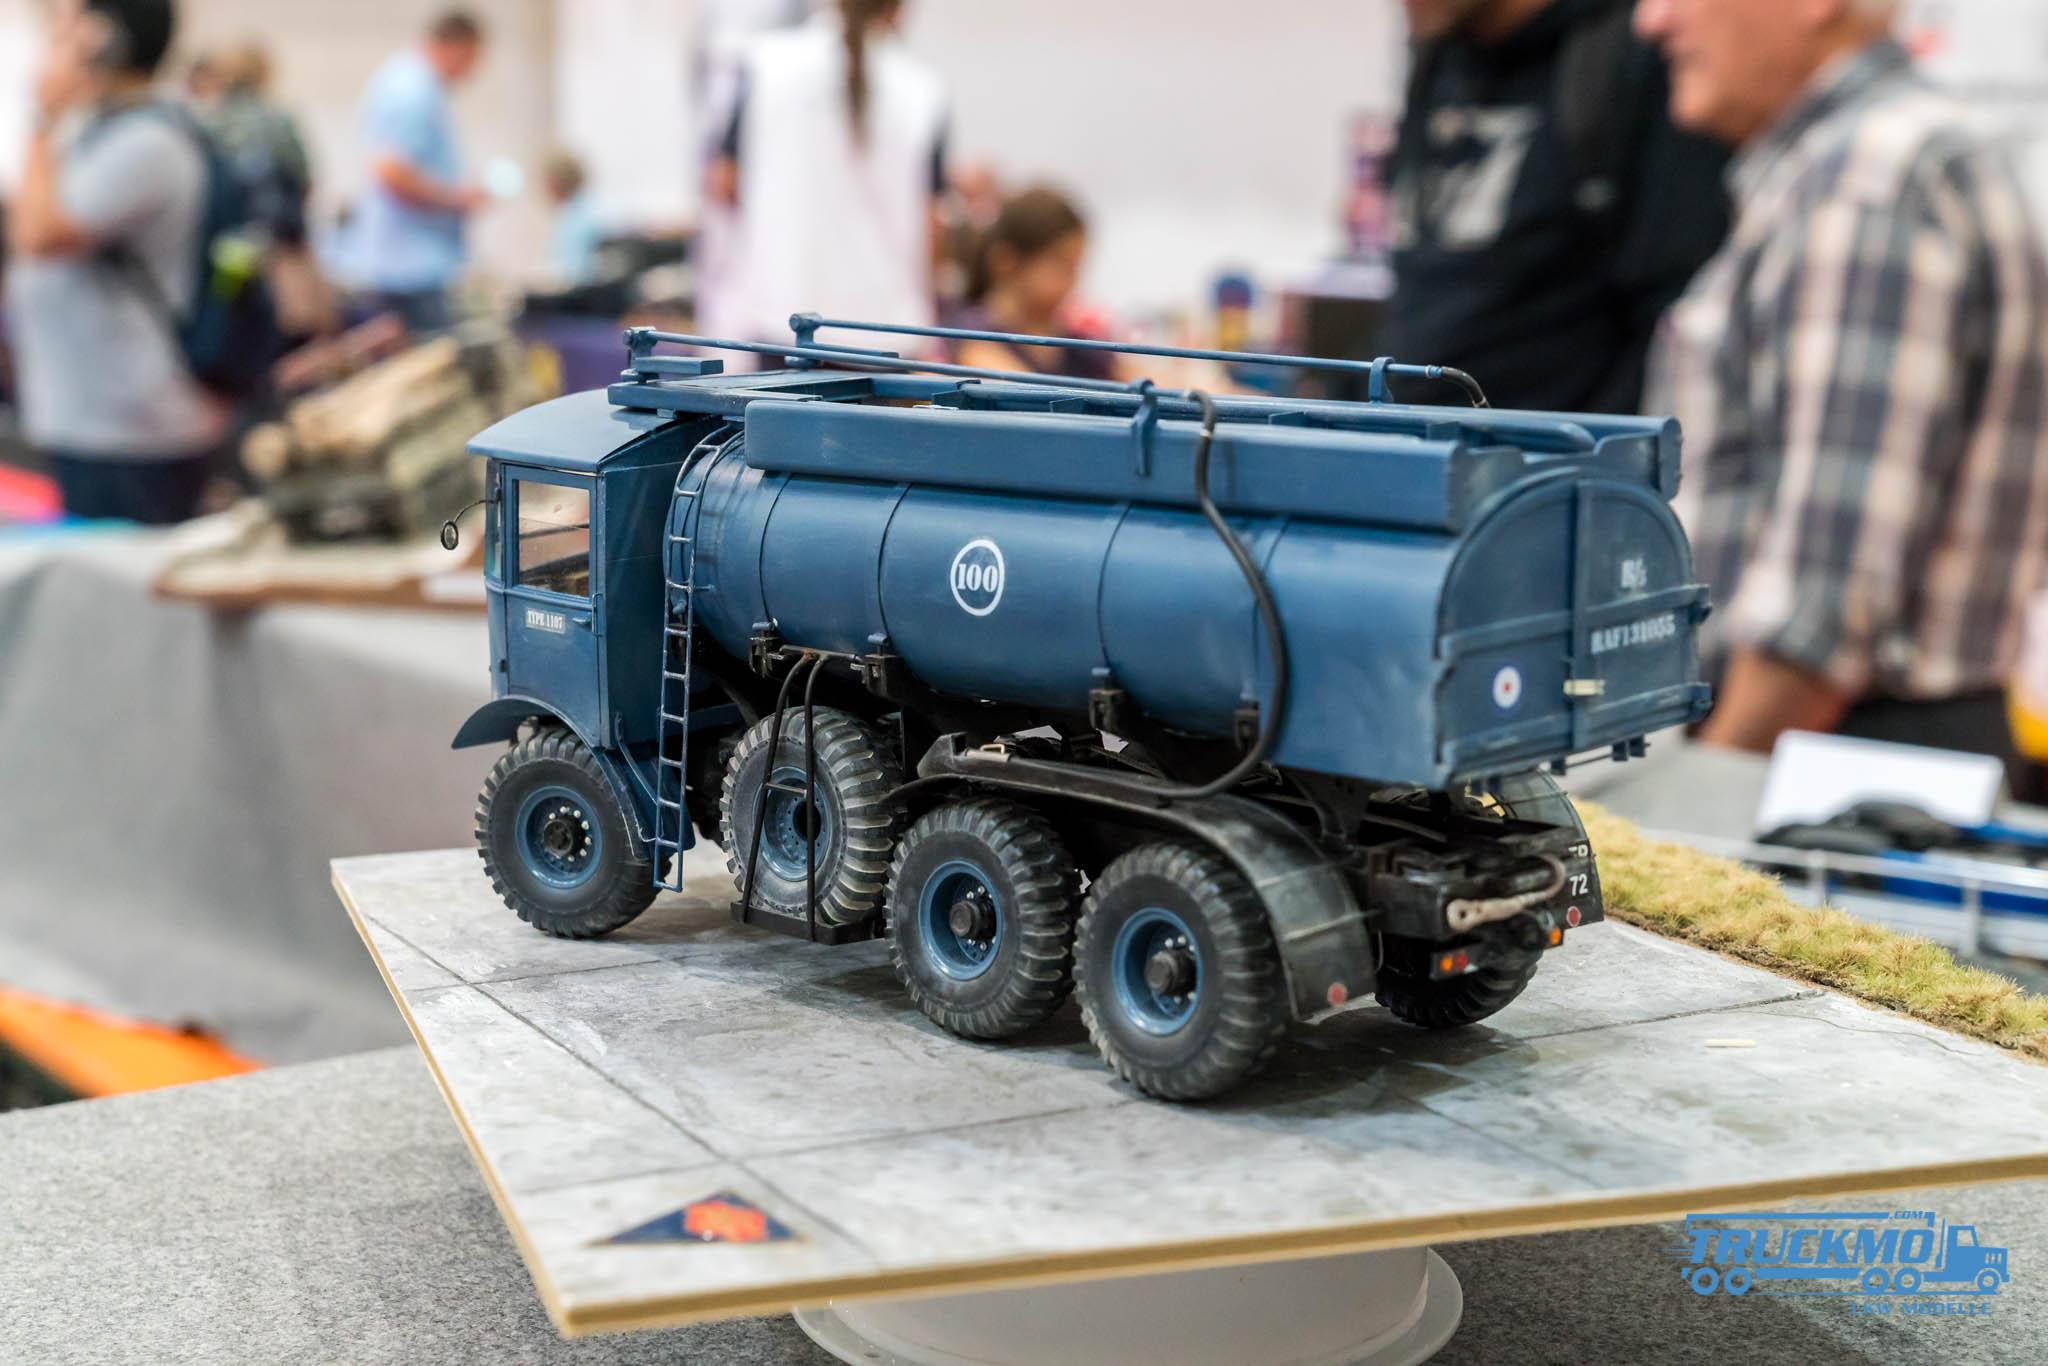 Truckmo_Modellbau_Ried_2017_Herpa_Messe_Modellbauausstellung (437 von 1177)